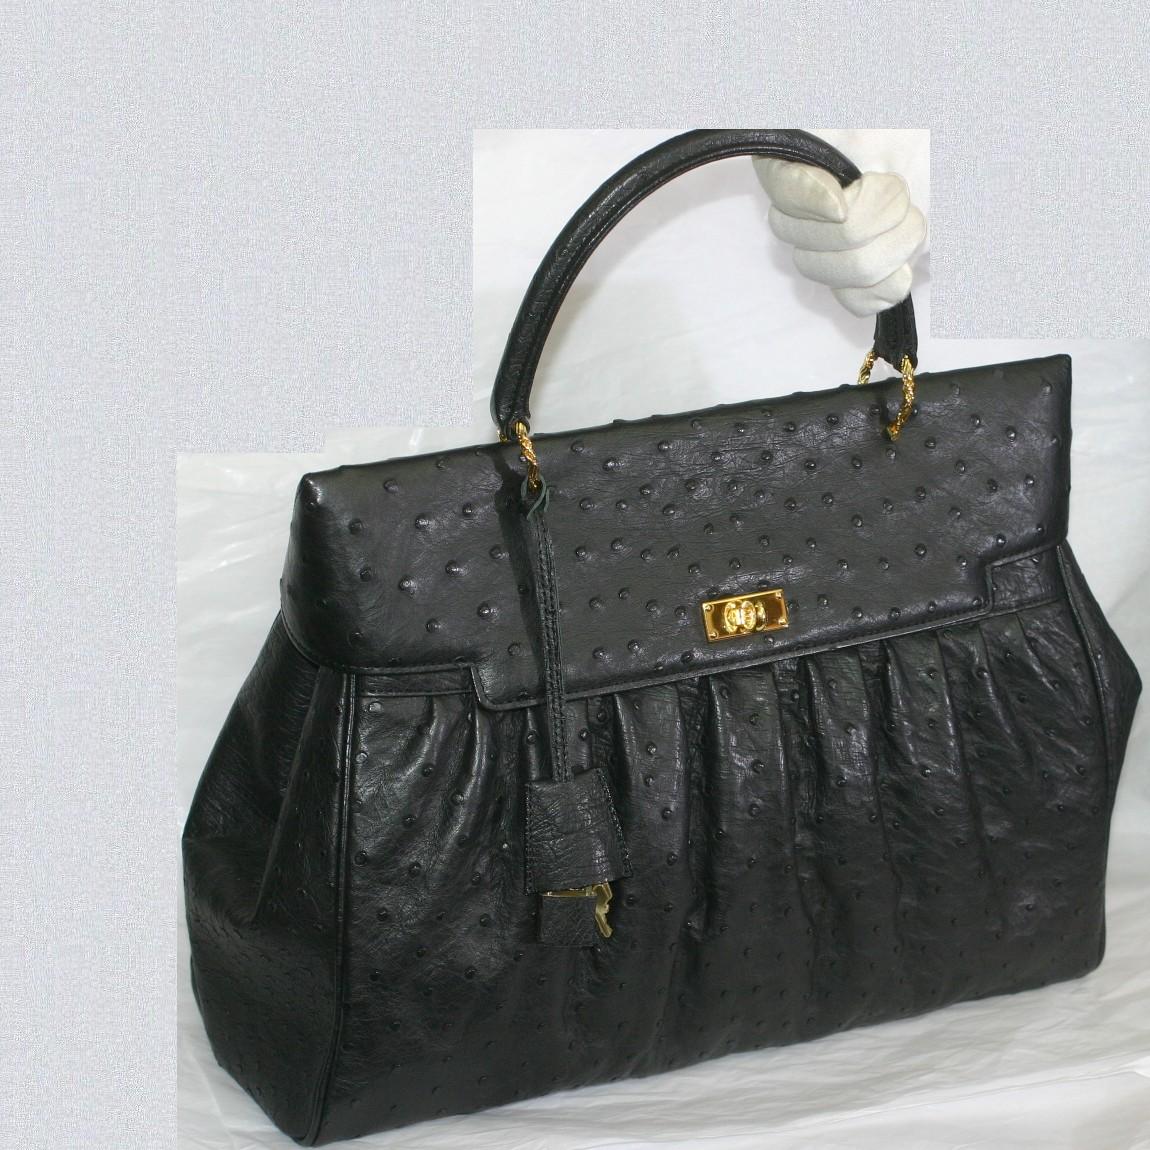 【中古】本物ほぼ新品ザオウ産業女性用全体が黒いオーストリッチ素材高級感漂う女性用トートバッグ プレゼントに最適サイズW33,5H26D15cm